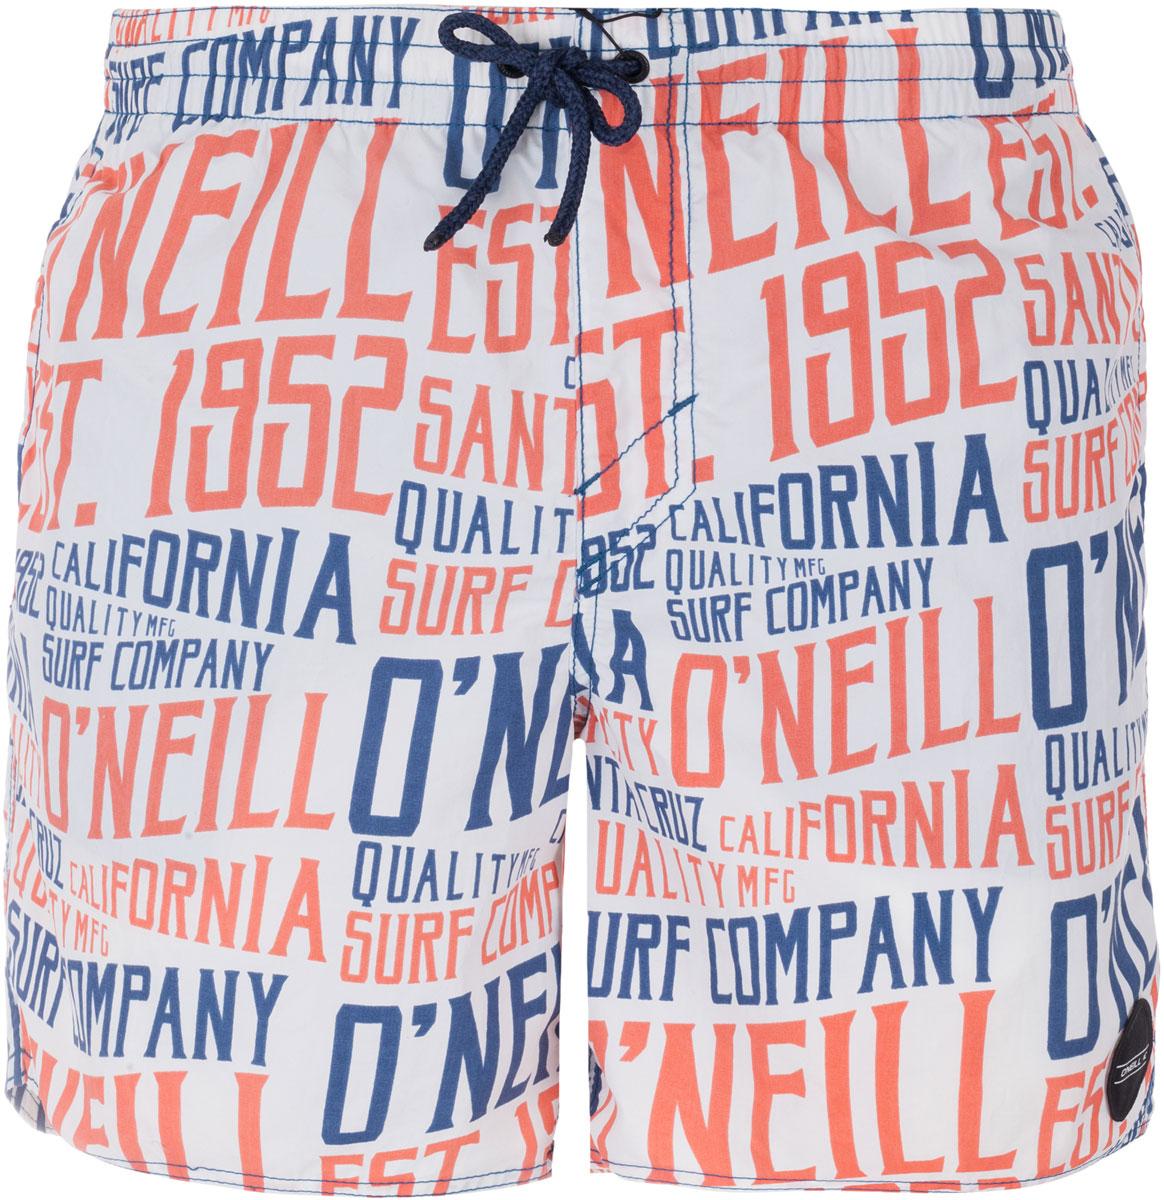 Шорты пляжные мужские ONeill Pm Signage Shorts, цвет: белый, оранжевый, синий. 7A3672-1900. Размер S (46/48)7A3672-1900Мужские пляжные шорты ONeill выполнены из 100% полиэстера. Технология Hyperdry надежно защищает от влаги, пропускает воздух и позволяет ткани быстро сохнуть. Пояс снабжен эластичной резинкой с затягивающимся шнурком для комфортной посадки. Изделие декорировано сплошным принтом в виде надписей.